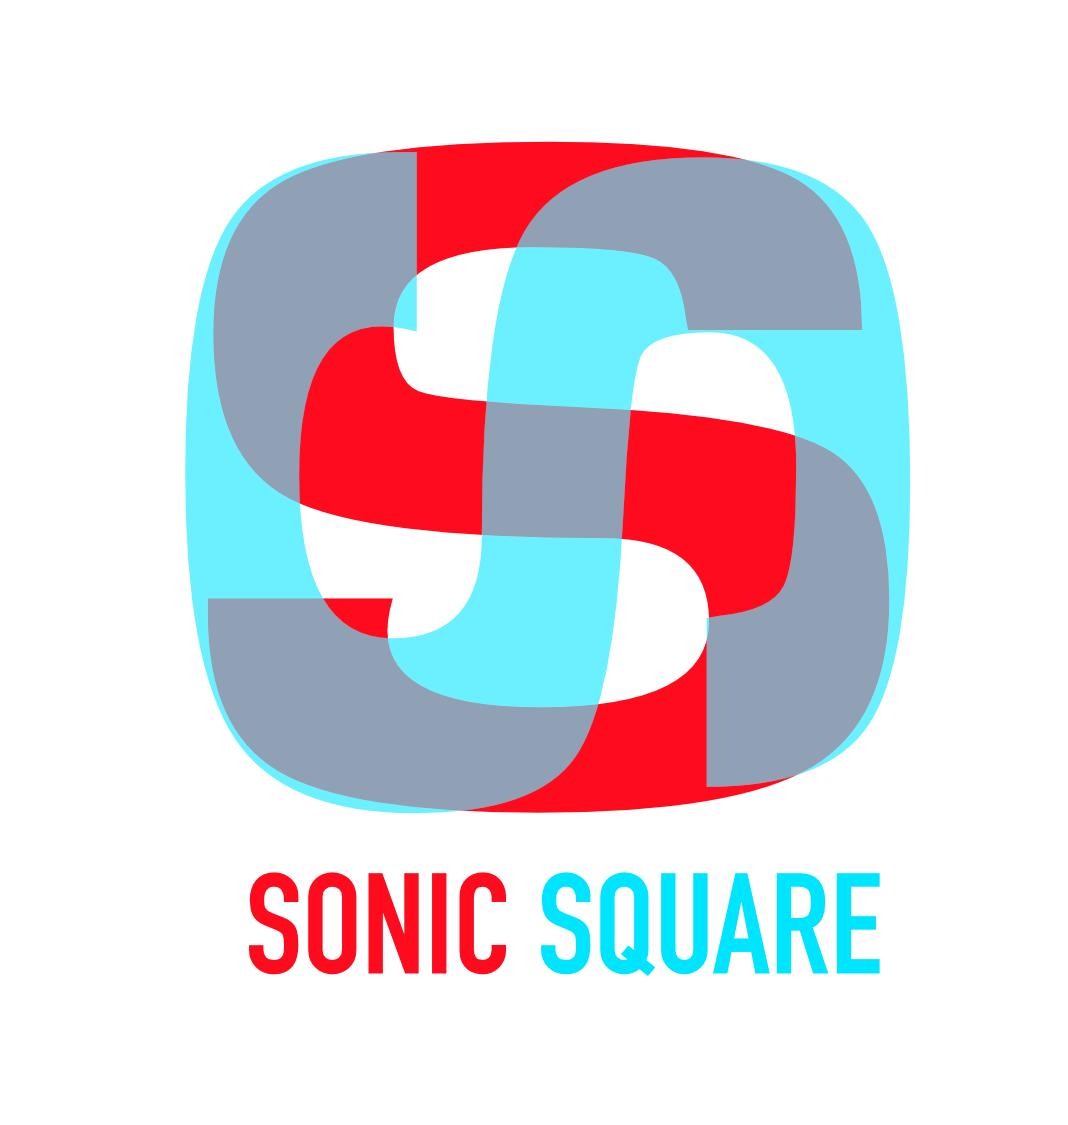 sonic square-01